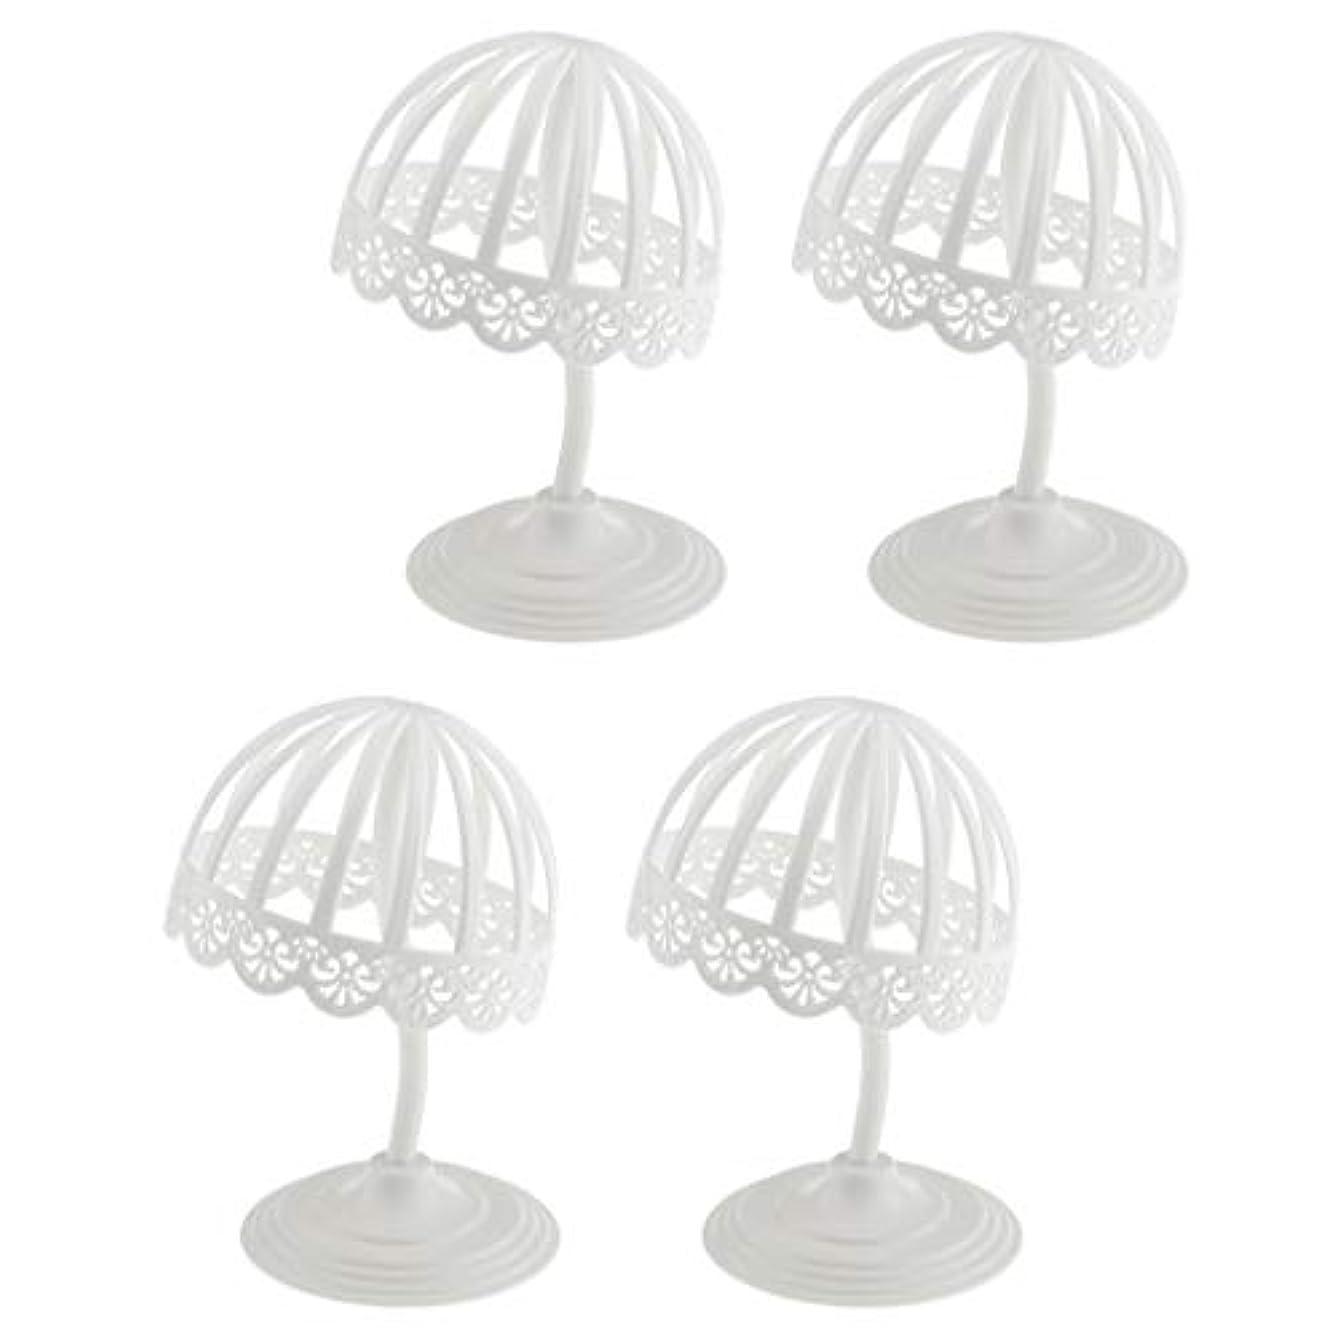 ふつう極めて重要なポンプPerfeclan 4個セット ウィッグ スタンド 帽子 収納 ディスプレイ ホルダー プラスチック製 ホワイト